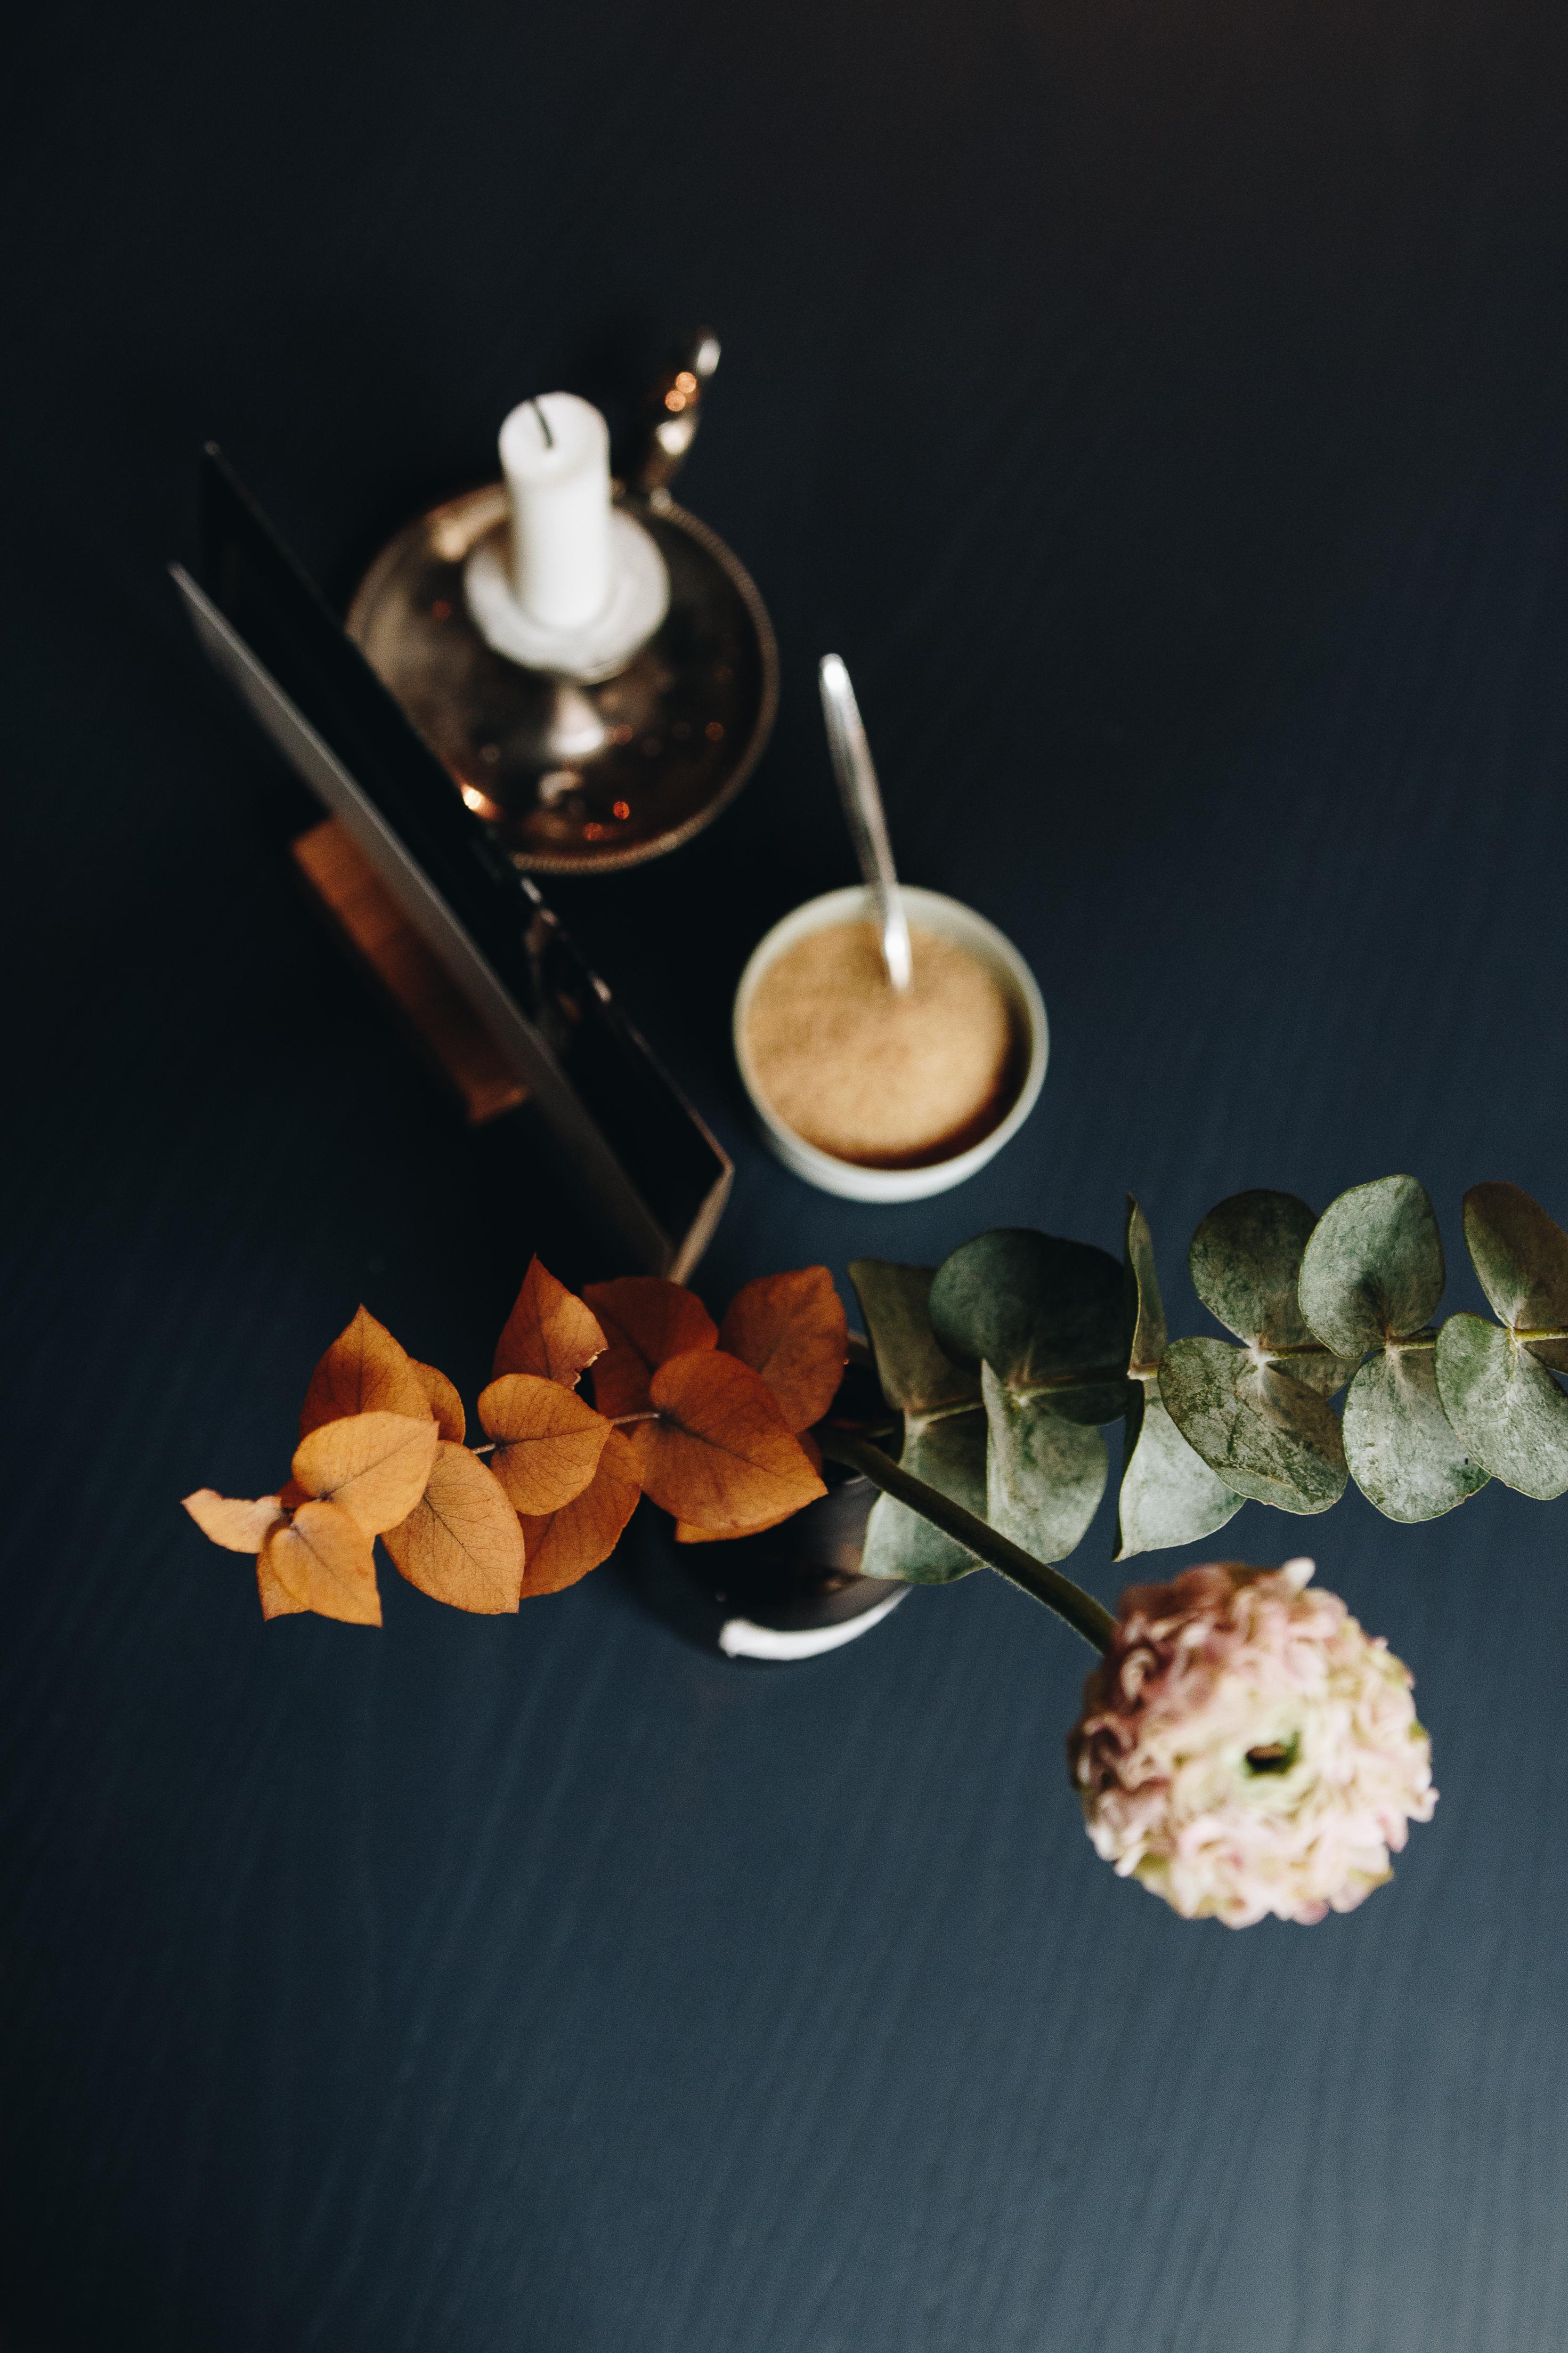 lauritz-café-handwerk-leipzig-annabelle sagt13